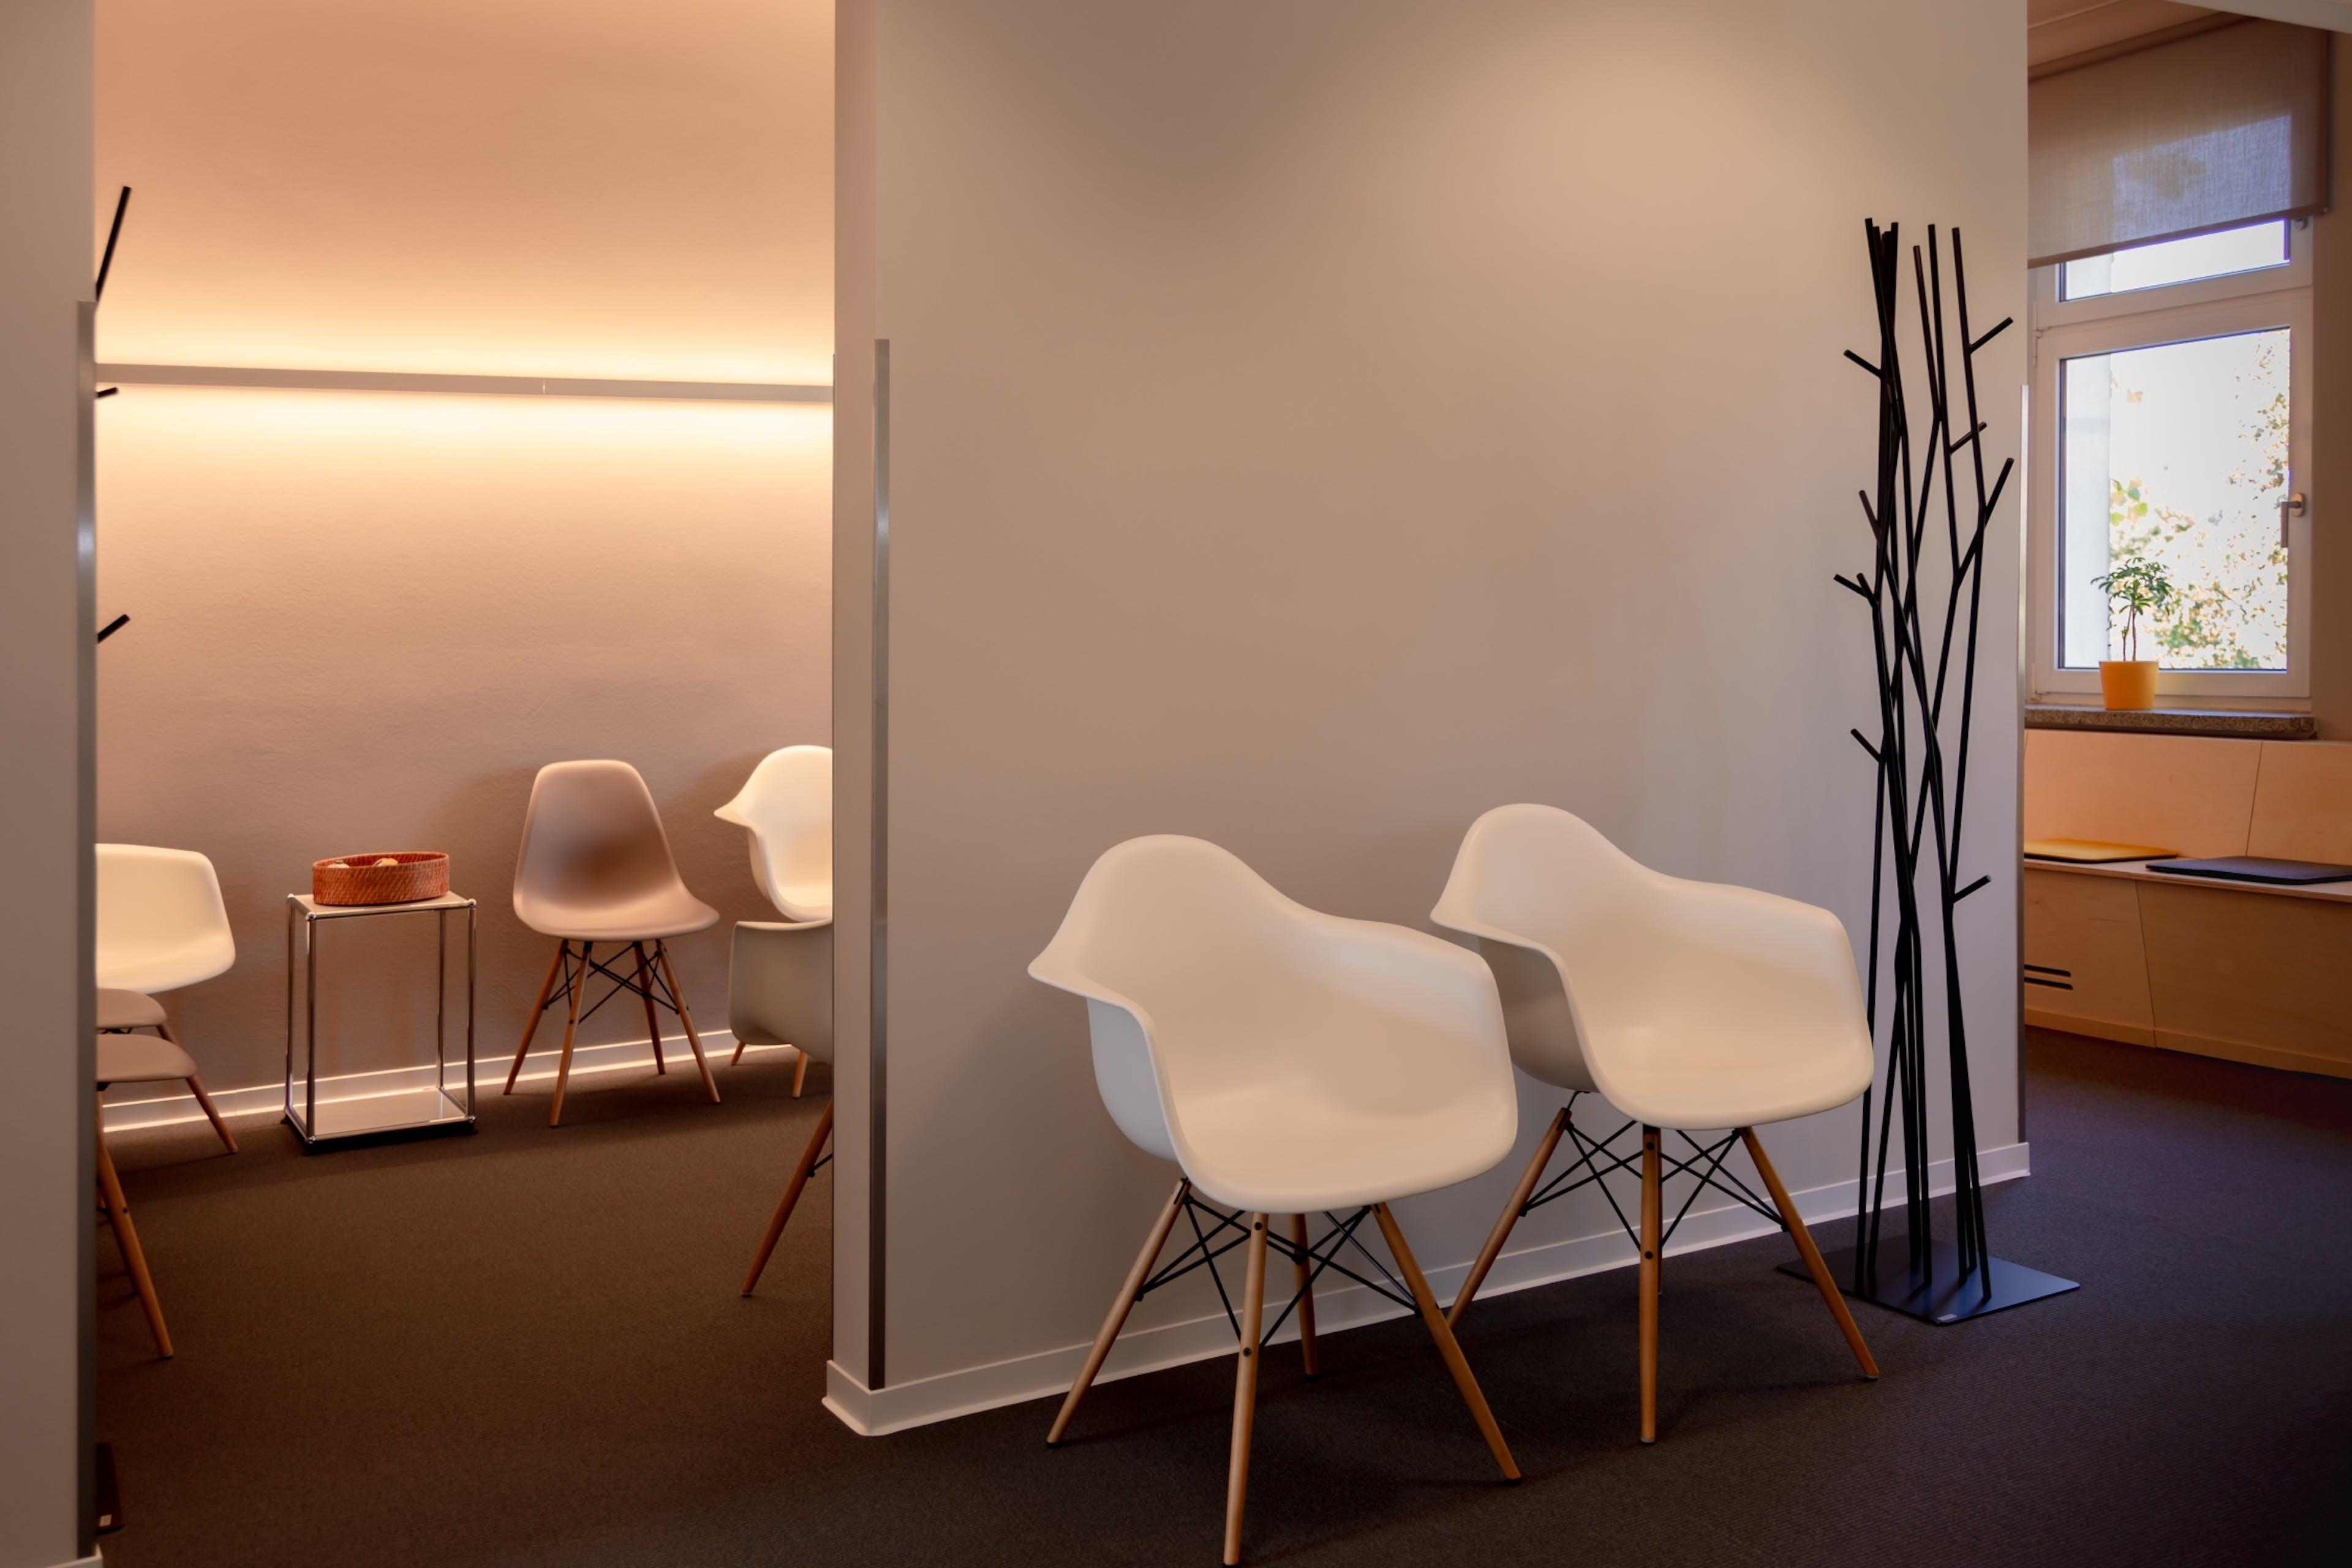 Wartezimmer mit Vitra Stühlen